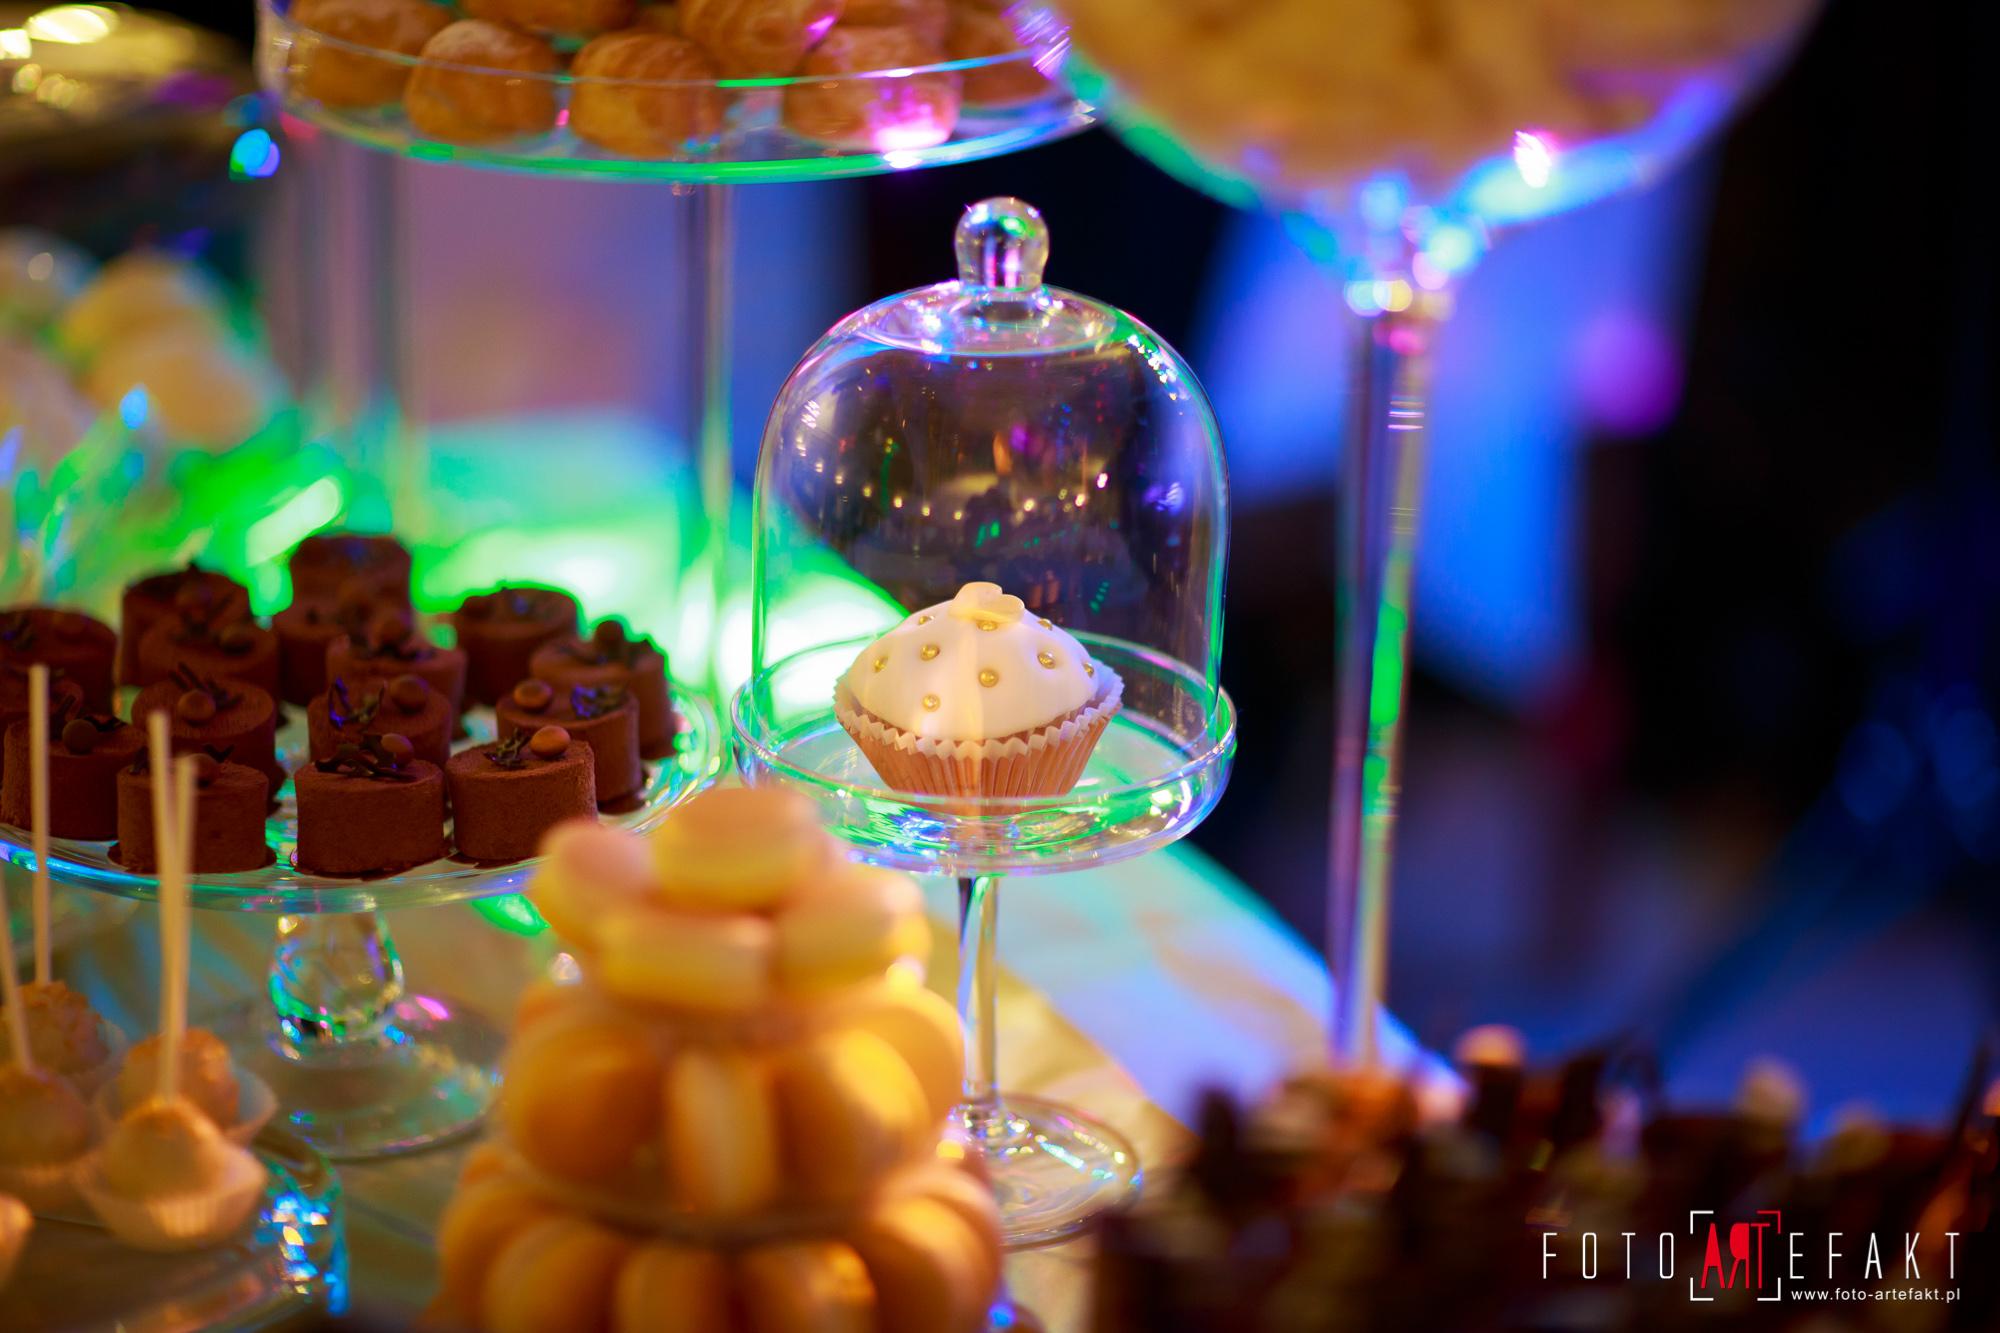 Słodki Kącik złoto, słodki stół, słodki bufet, candy bar, tort weselny, ciasto wesele, ślub, pavlova, ciasteczka, słodycze, lizaki, buteleczki, cakepop, cupcake,  rafaello (6)